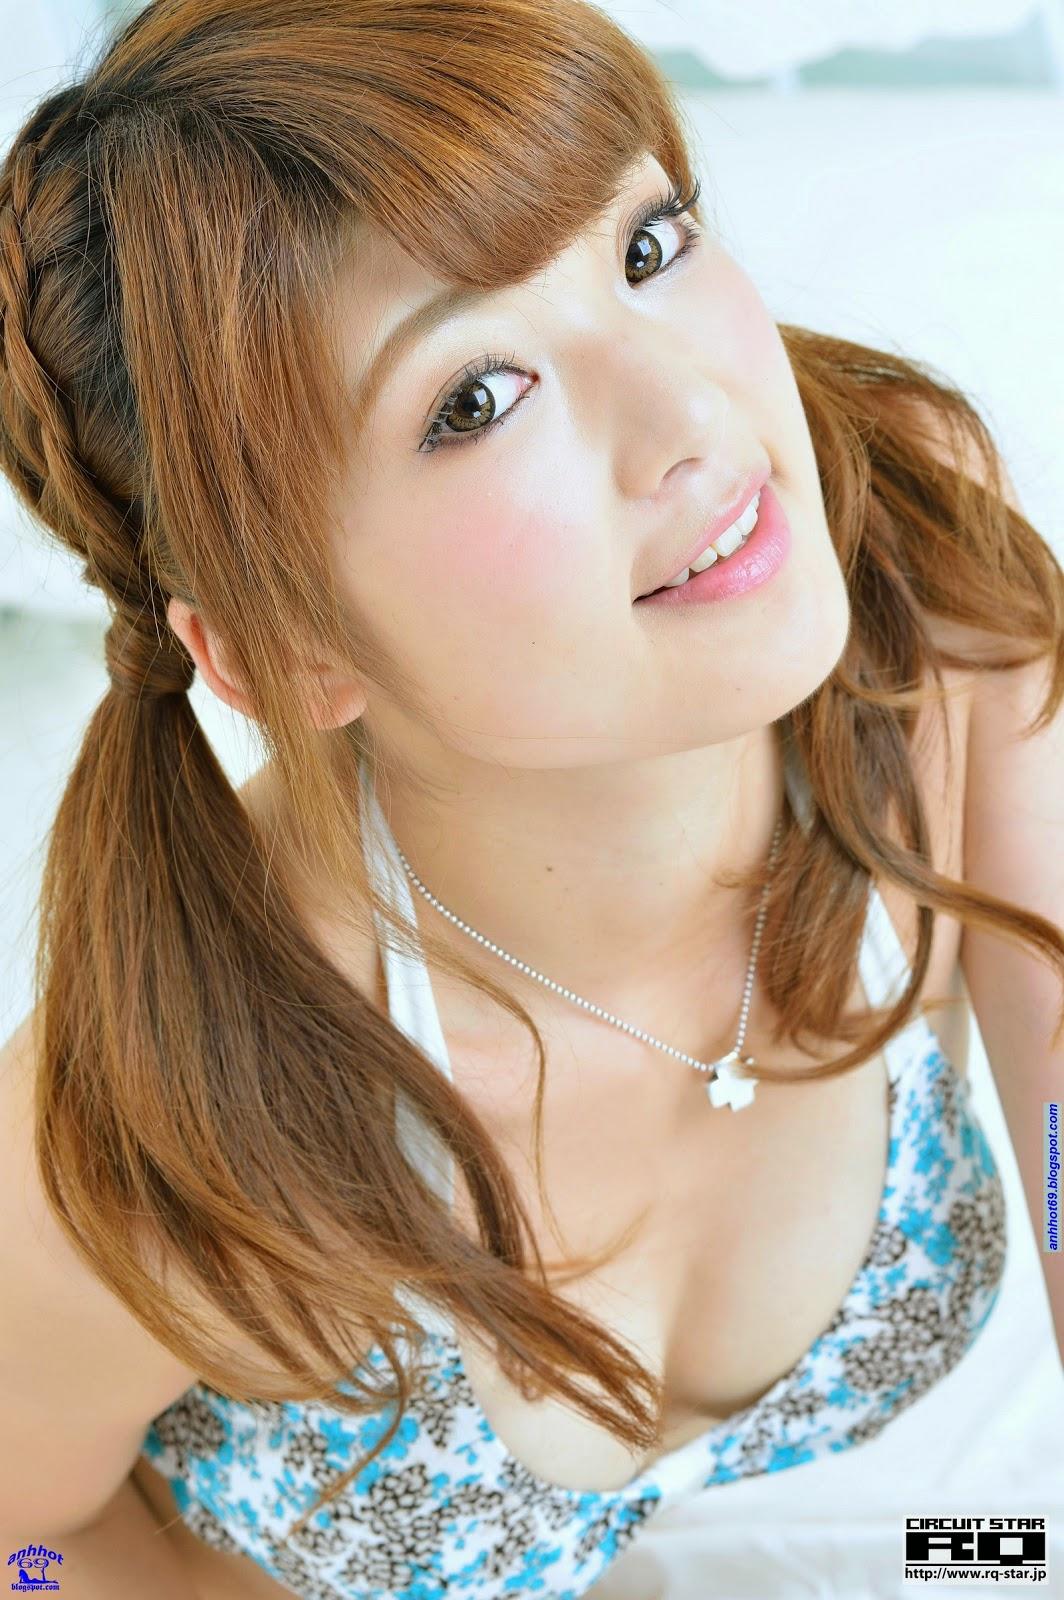 yoshika-tsujii-02216851